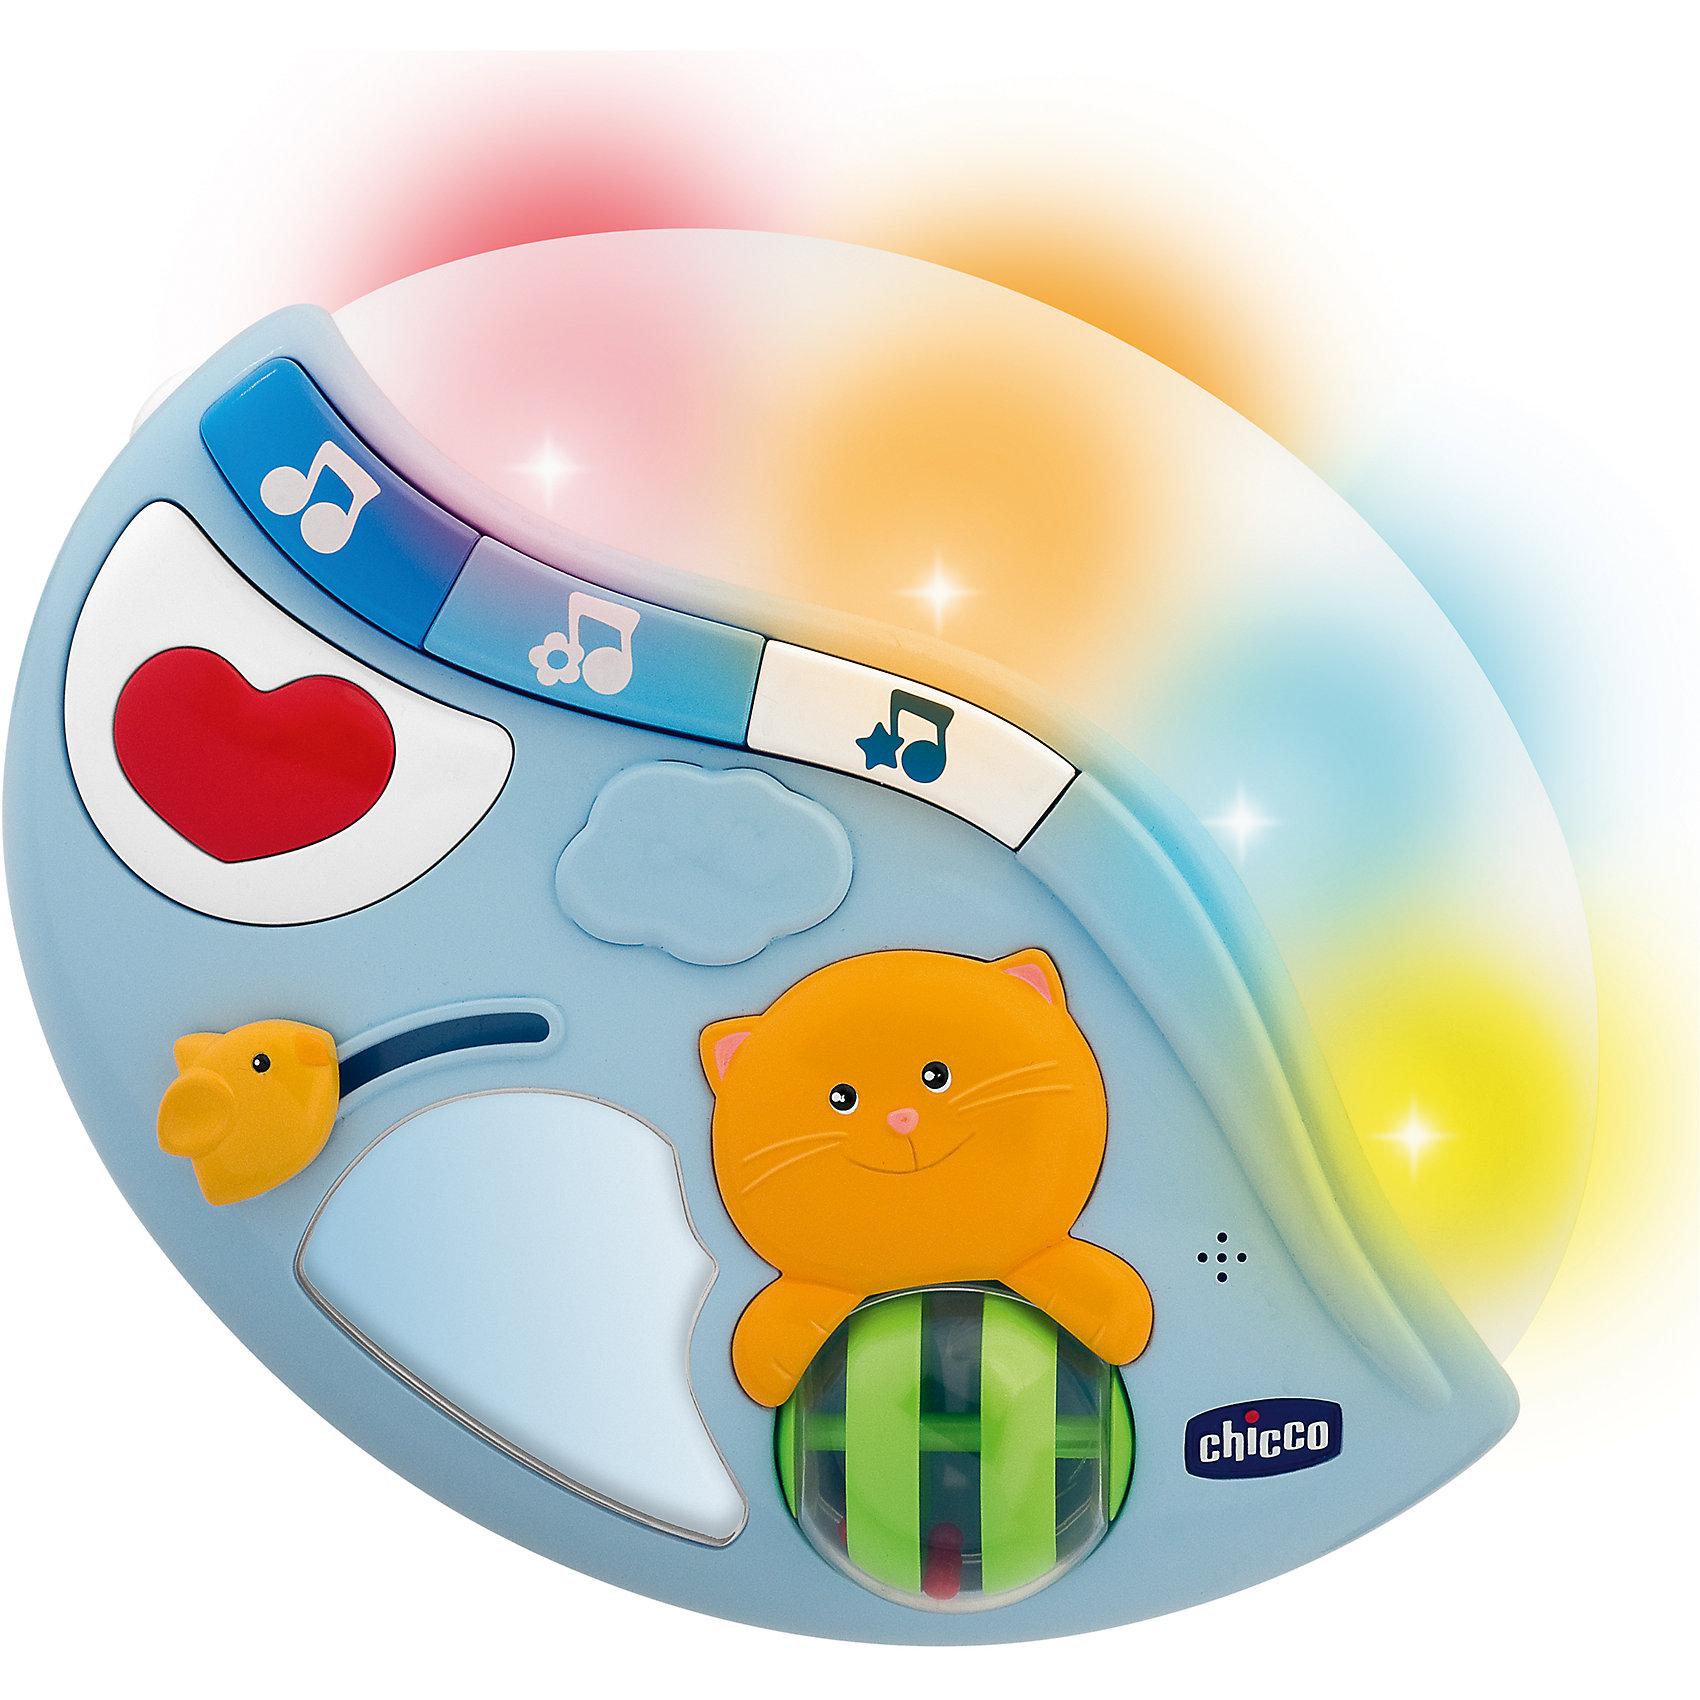 Подвеска-ночник Мамина колыбельная 3 в 1, ChiccoПодвеска-ночник Мамина колыбельная 3 в 1 от Chicco (Чико) - замечательная яркая подвеска-ночник для детской кроватки, которая позволяет слушать не только разнообразные мелодии, но также воспроизводить мамин голос! <br><br>Новая подвеска для детской кроватки, которая успокаивает и развлекает малыша. Вы можете записать знакомый малышу голос, который будет успокаивать его даже в тот момент, когда мама и папа находятся в другой комнате. Звуковой сенсор включает игрушку при звуках детского плача. Разнообразные мелодии (классическая музыка, звуки природы, нью-эйдж записи) в сочетании со световыми и цветовыми эффектами создают атмосферу цветовой терапии, идеальную для успокаивания и убаяюкивания малыша.       <br><br>Ночник имеет 2 функции: проекция нежных цветных огоньков в ритме приятной классической или современной музыки и успокаивающих звуков живой природы, а также режим традиционного ночника.<br><br>Подвеска также способствует развитию и координации первых движений руками благодаря занимательным игровым функциям. Игрушка снабжена световыми, цветовыми и звуковыми эффектами. Подвеска способствует развитию моторики рук малыша, цвето- , свето- и звуко- восприятия. <br> <br>Подвеску-ночник Мамина колыбельная 3 в 1 от Chicco можно купить в нашем интернет-магазине.<br><br>Дополнительная информация:<br>- Материал: пластмасса.<br>- Возраст: от 0 месяцев.<br><br>Ширина мм: 305<br>Глубина мм: 98<br>Высота мм: 268<br>Вес г: 922<br>Возраст от месяцев: 0<br>Возраст до месяцев: 36<br>Пол: Унисекс<br>Возраст: Детский<br>SKU: 2450418